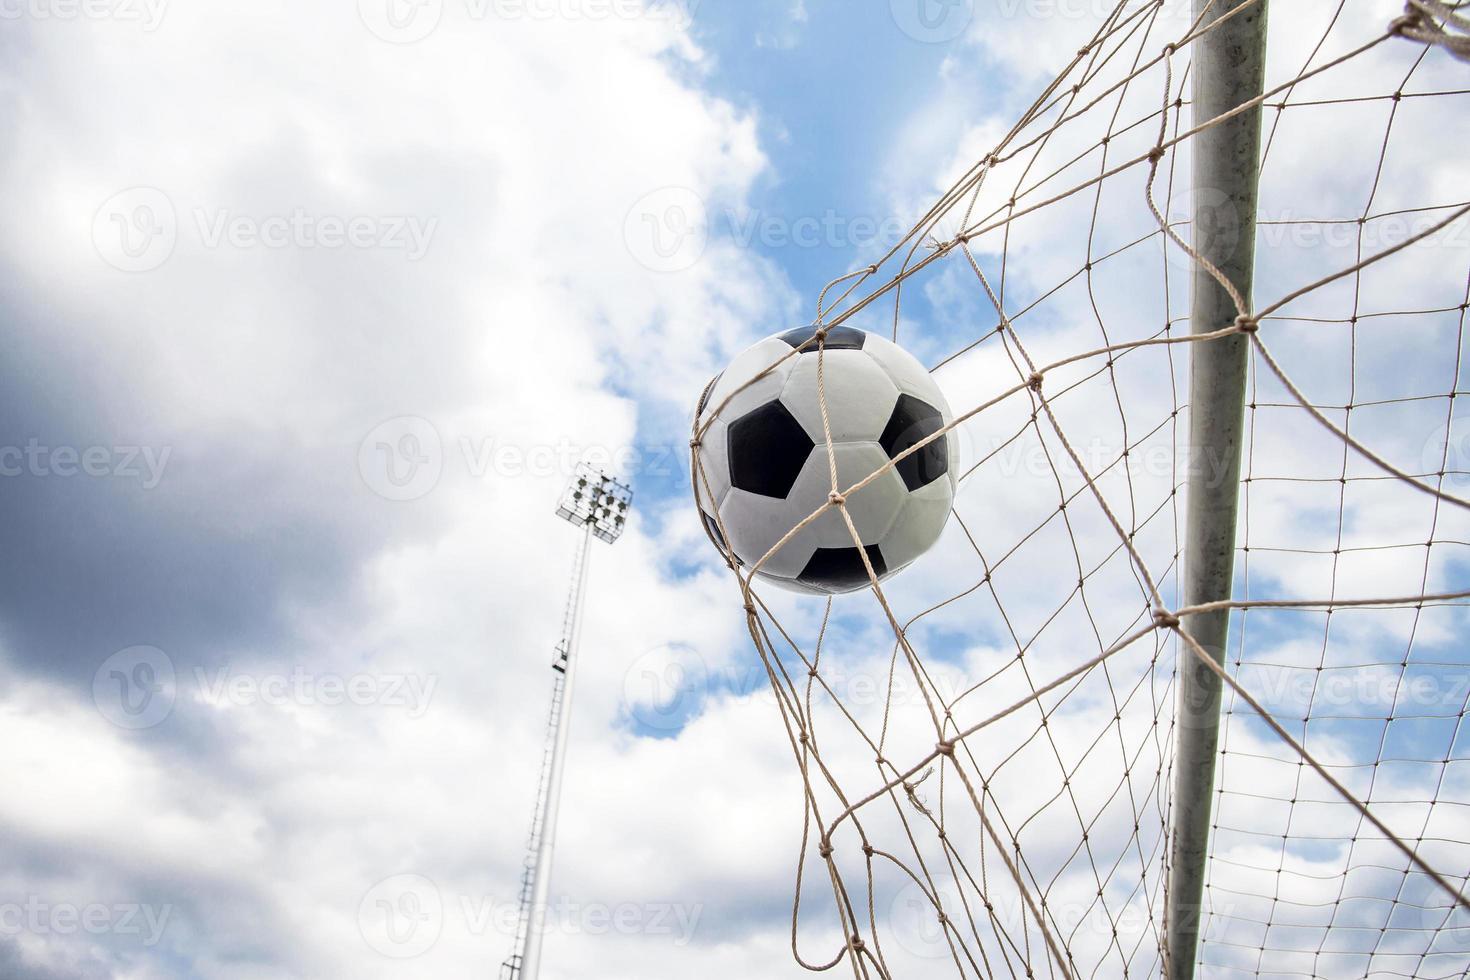 gol de futebol foto